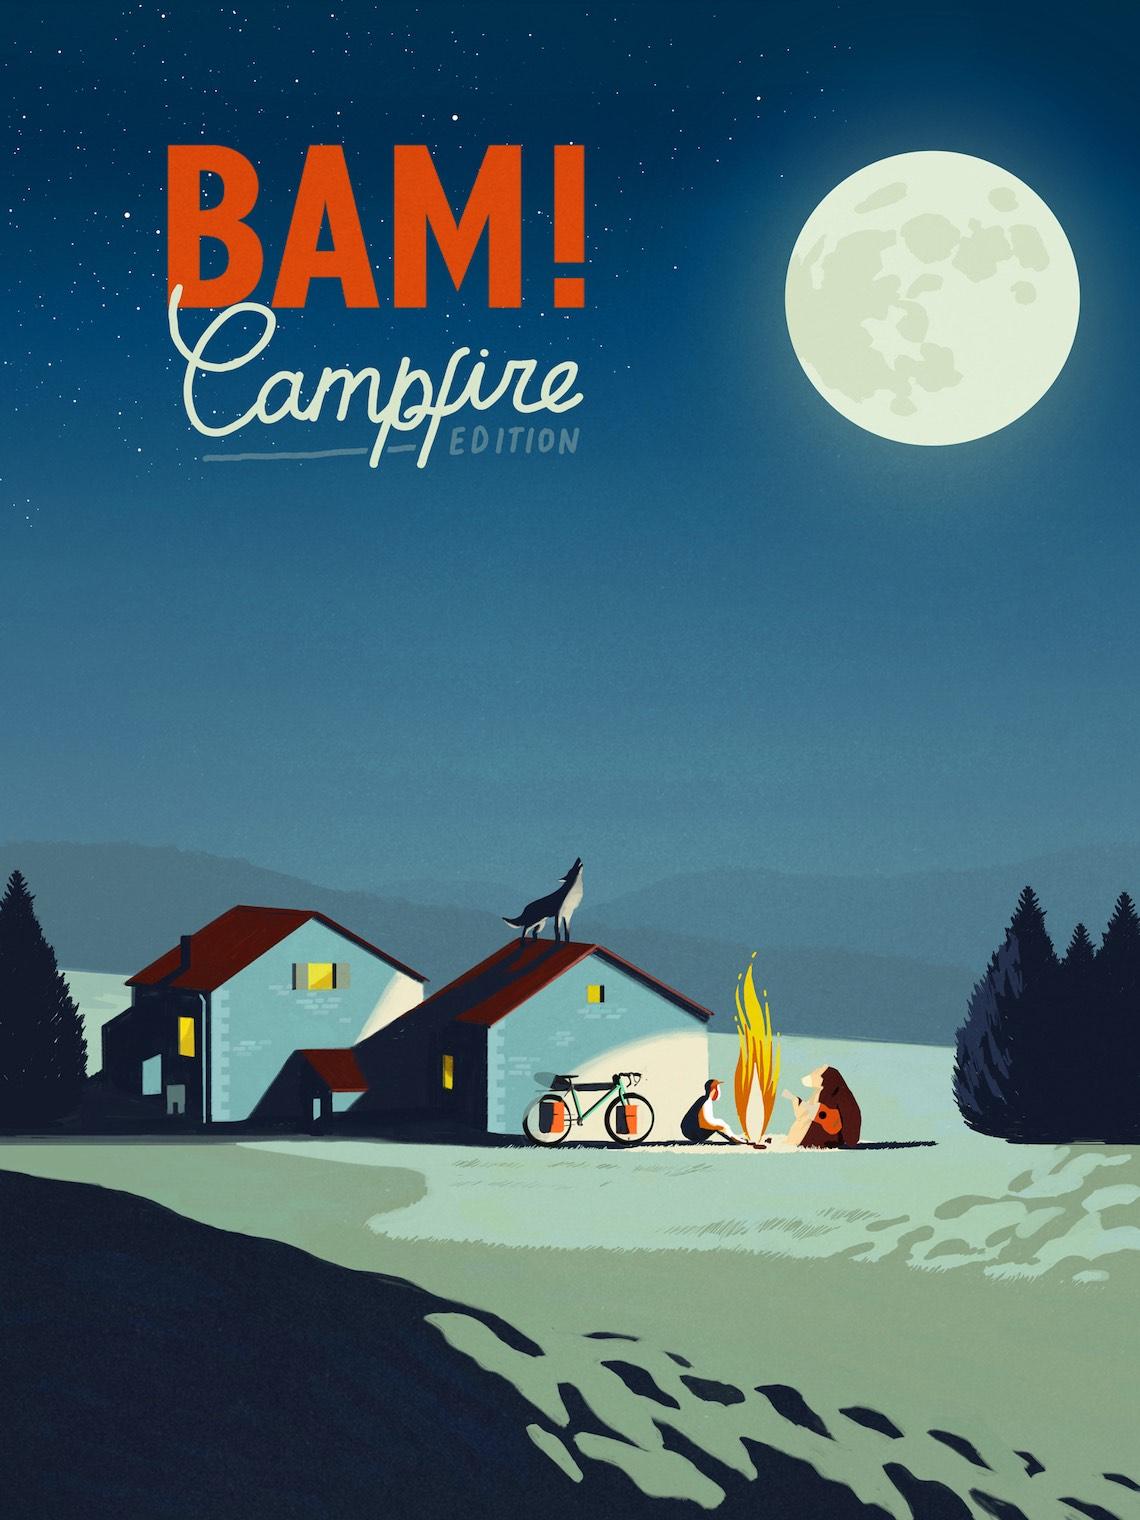 BAM! Campfire 2020_Fabio_Consoli